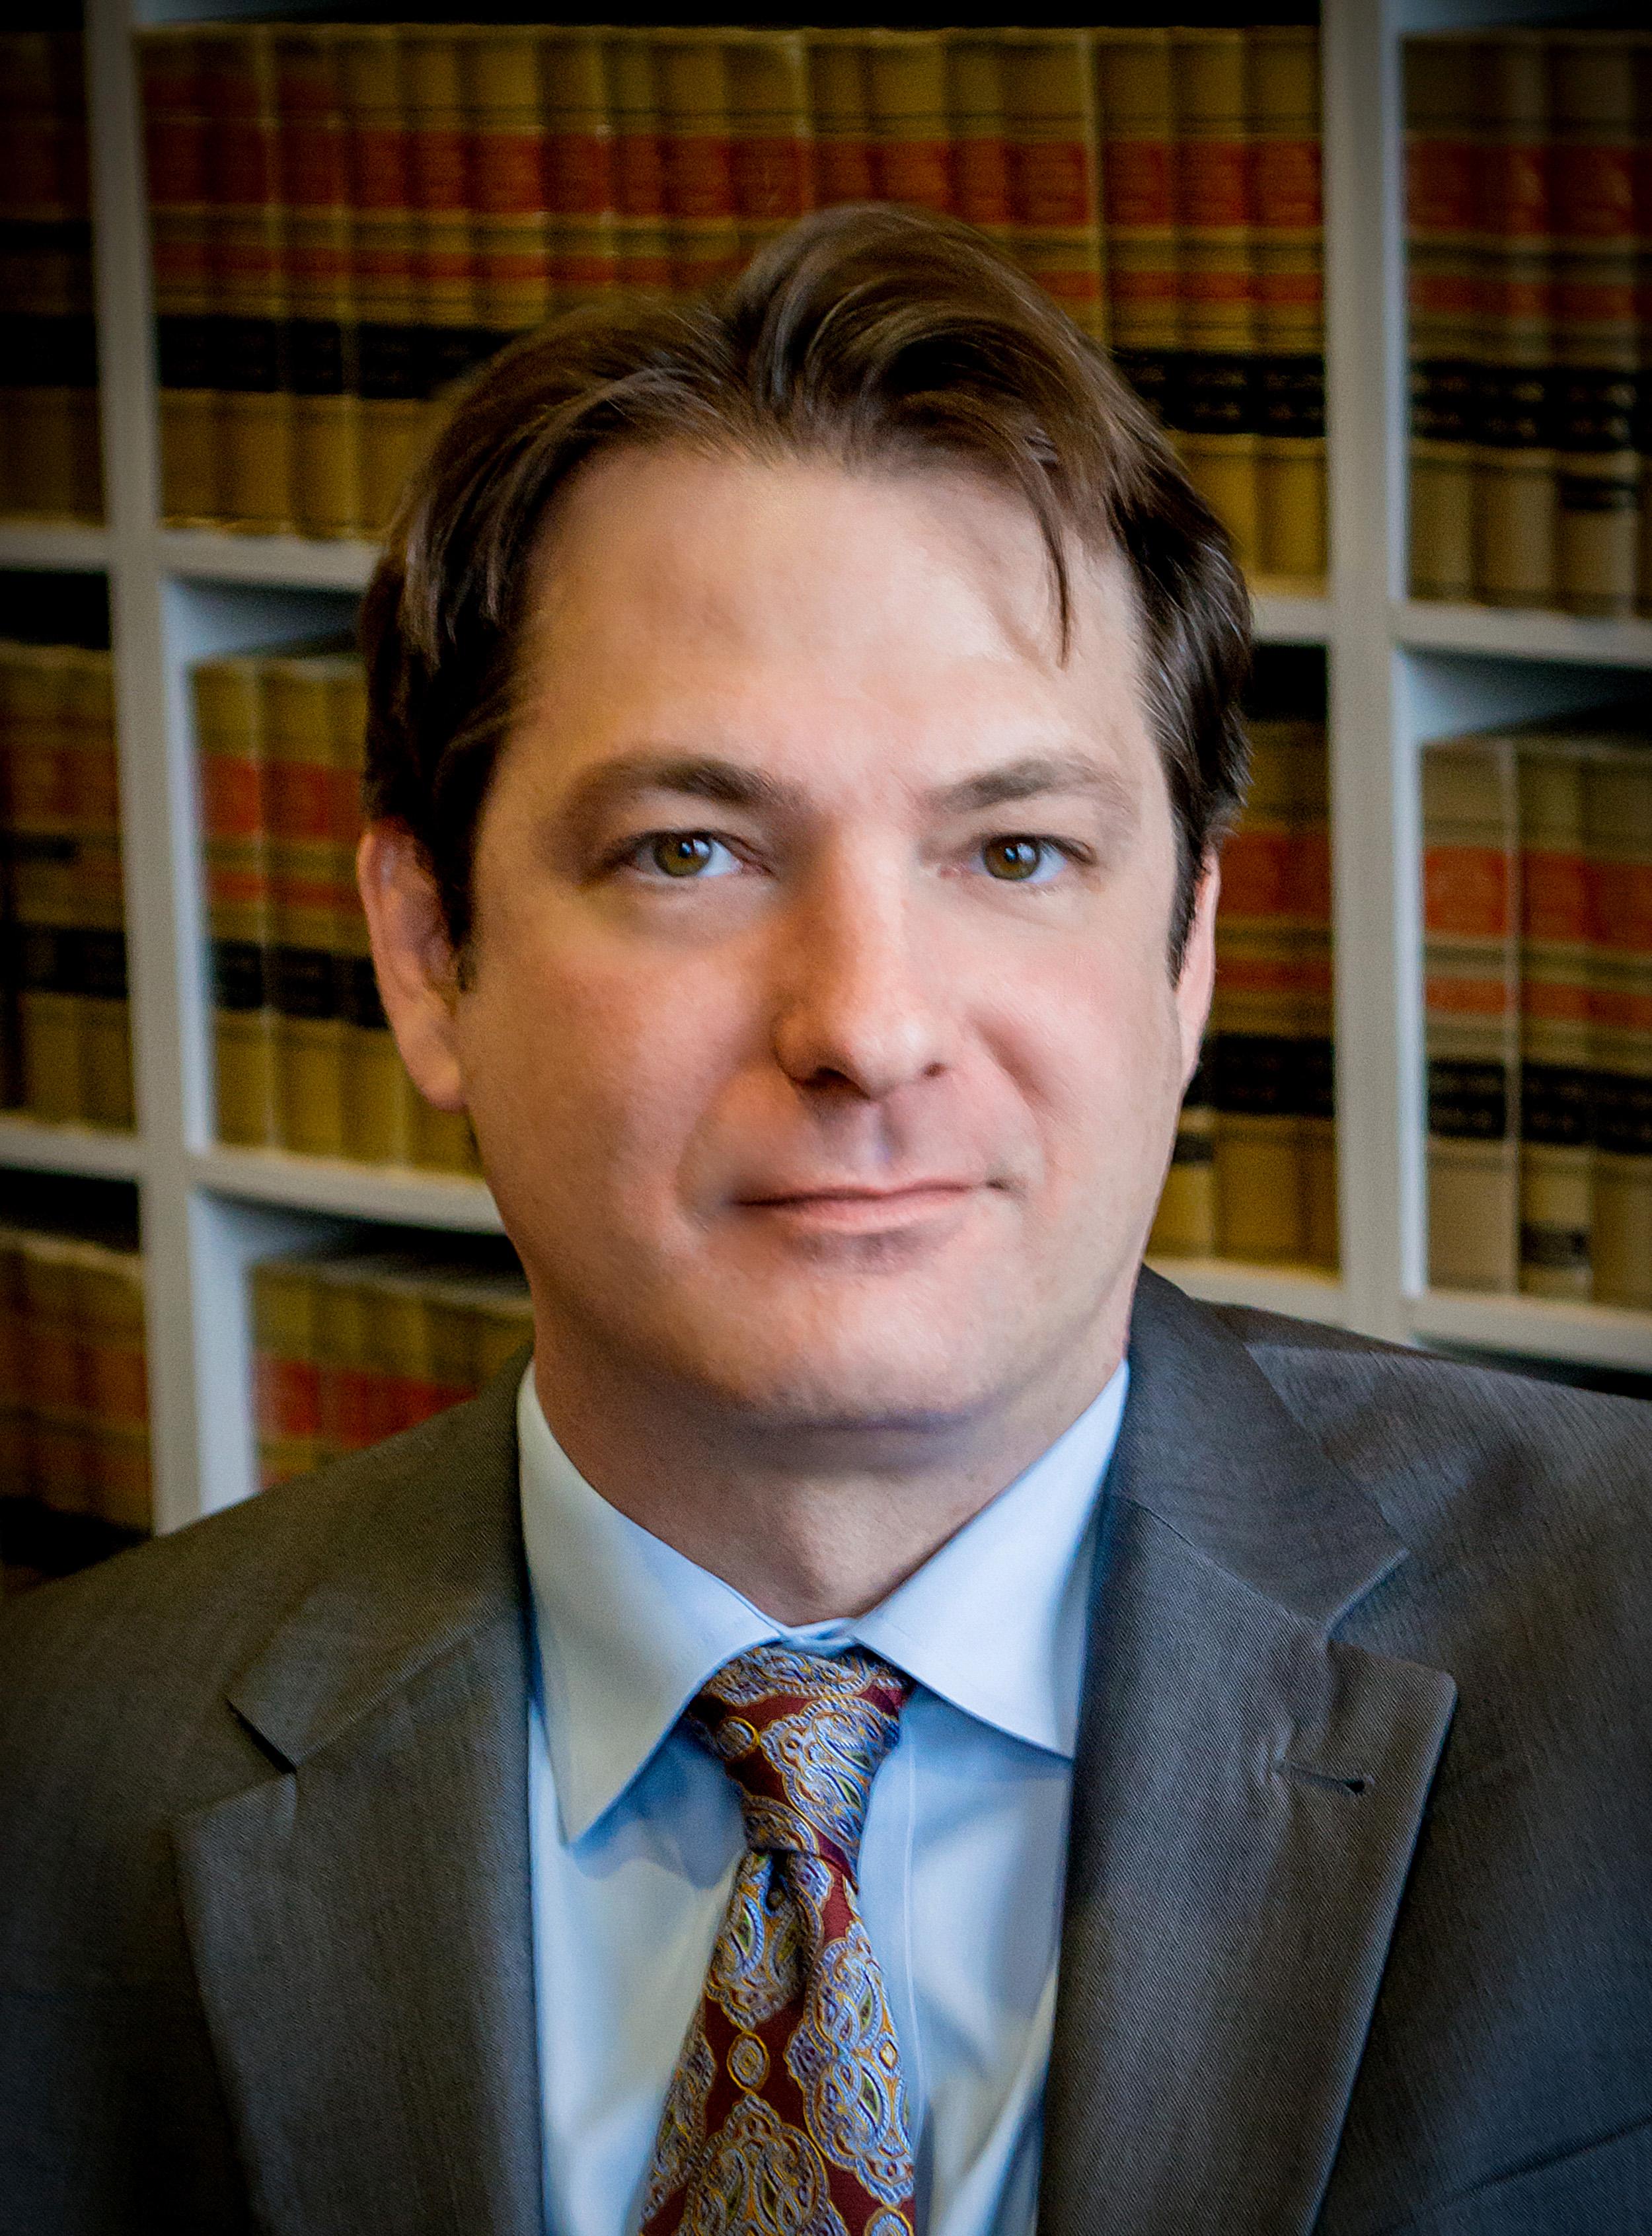 Jeremy Counseller